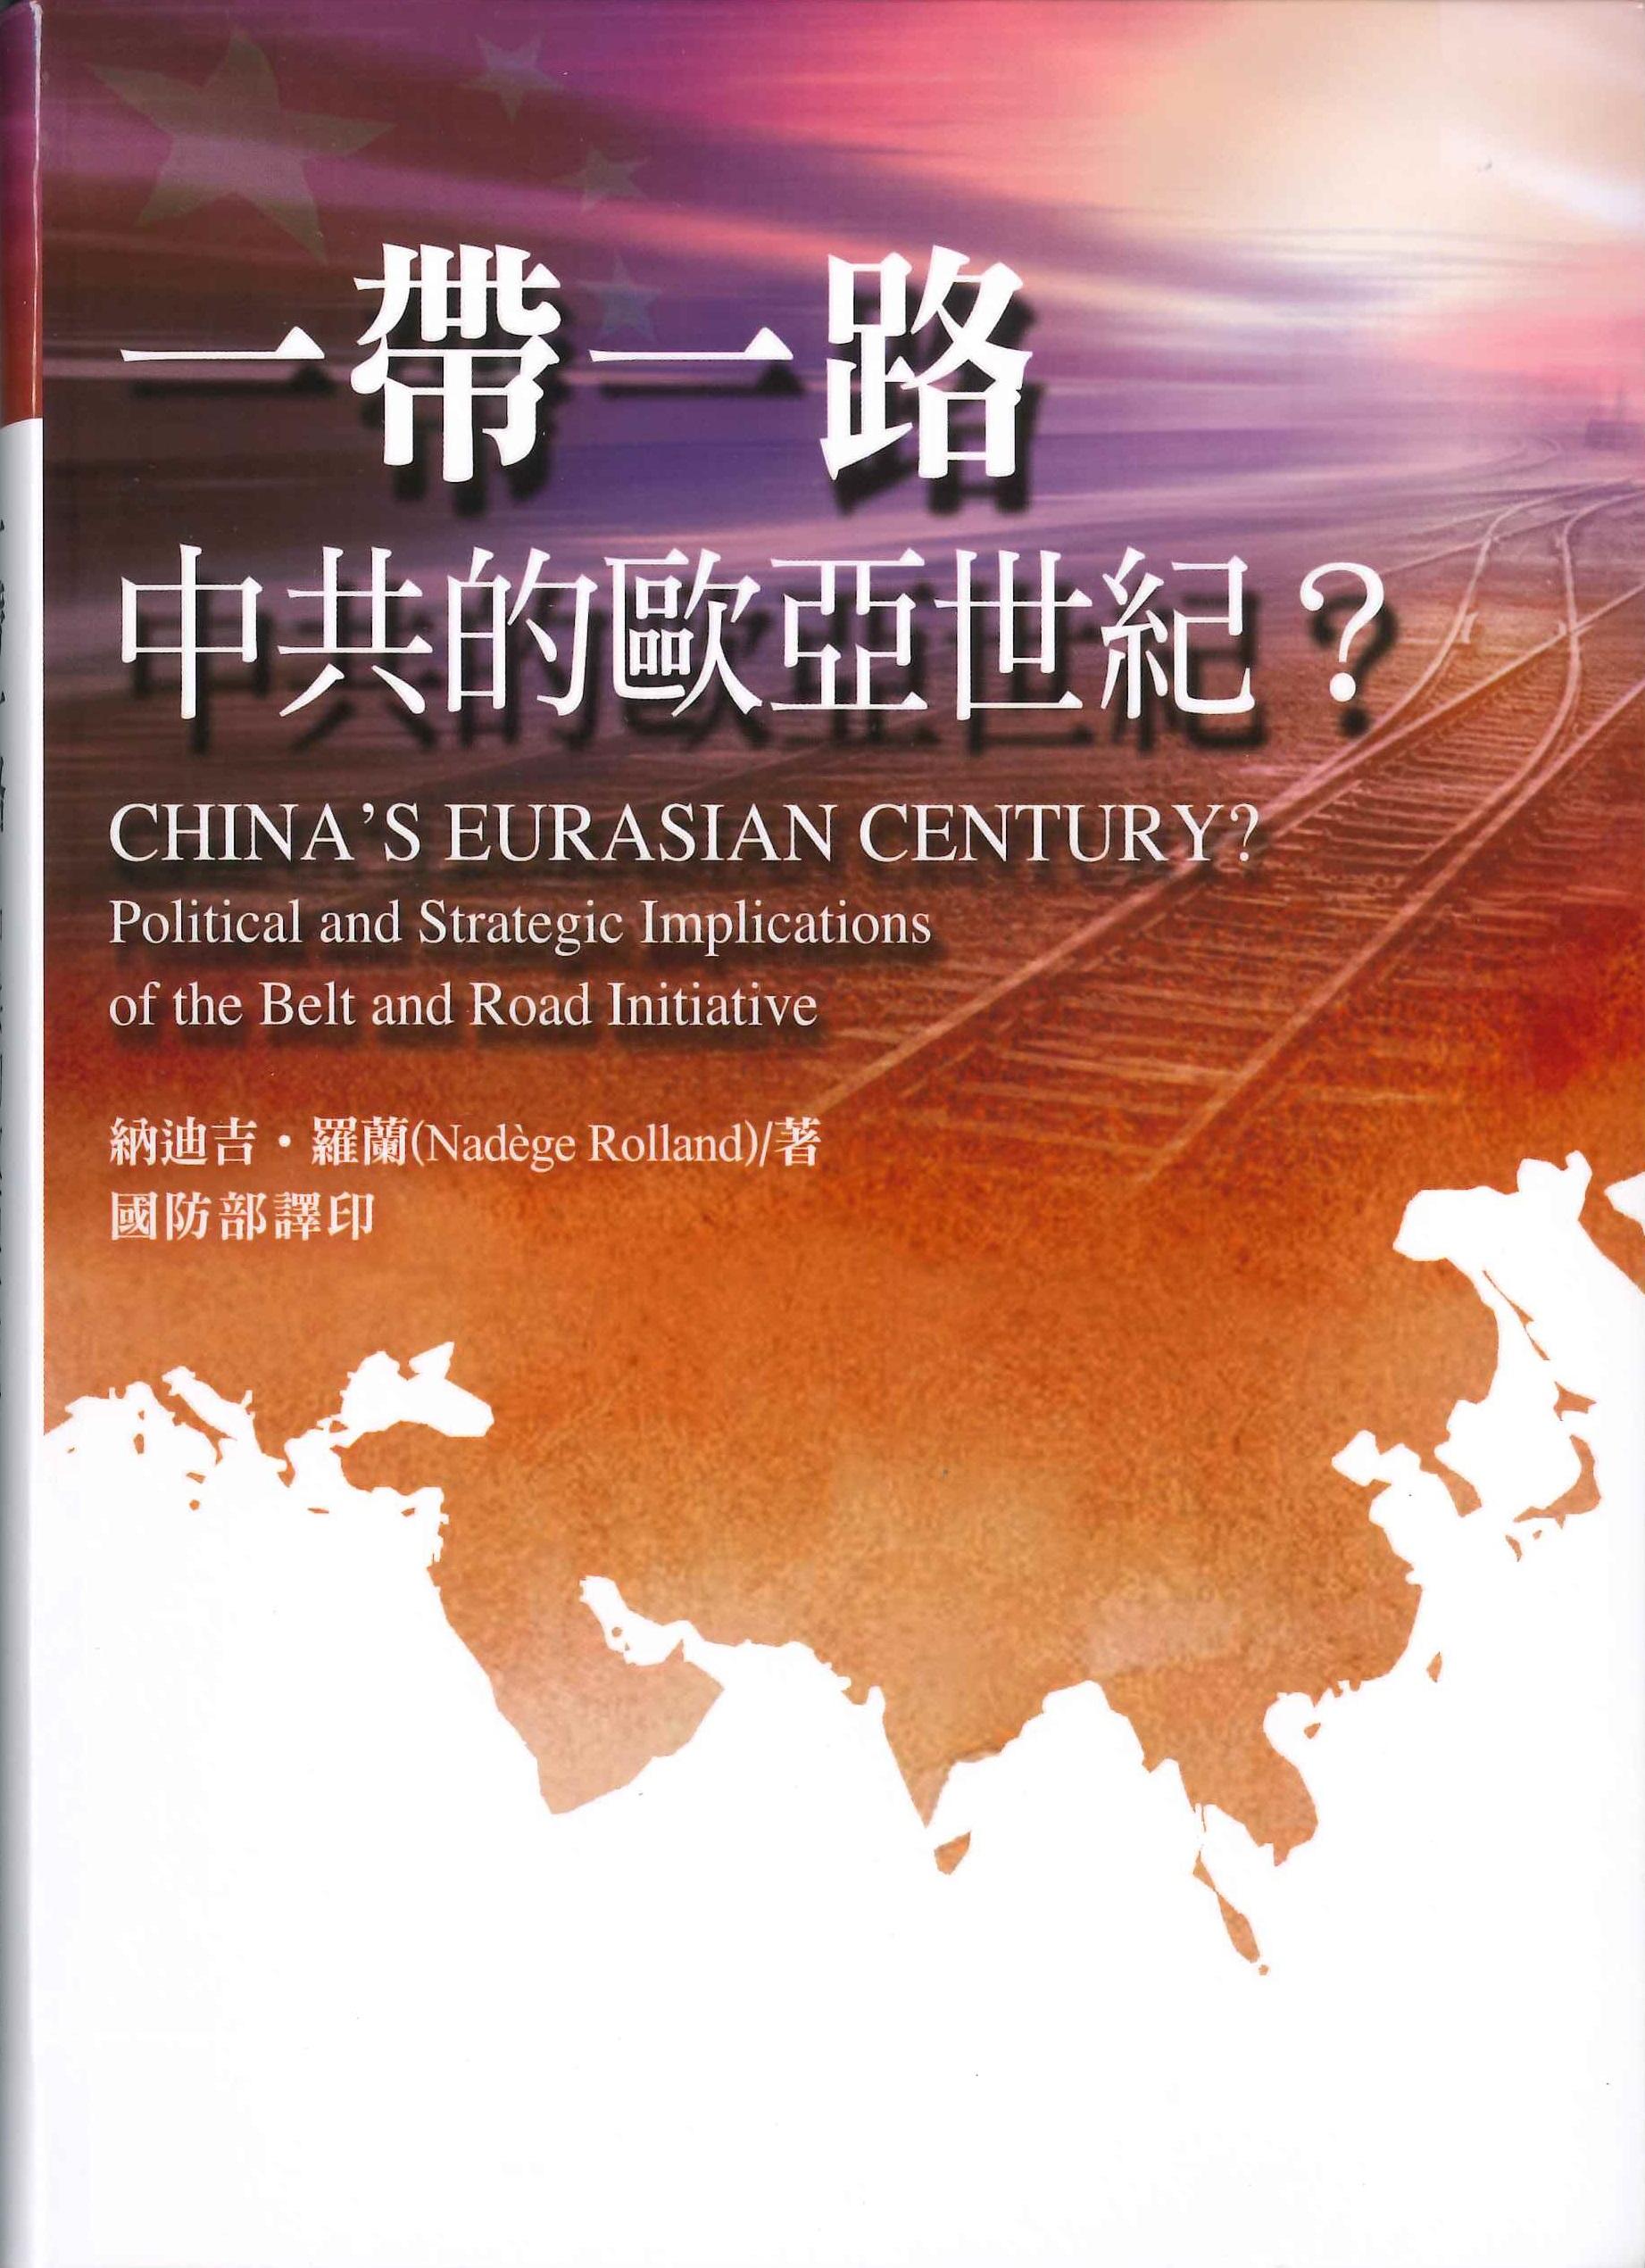 一帶一路:中共的歐亞世紀?